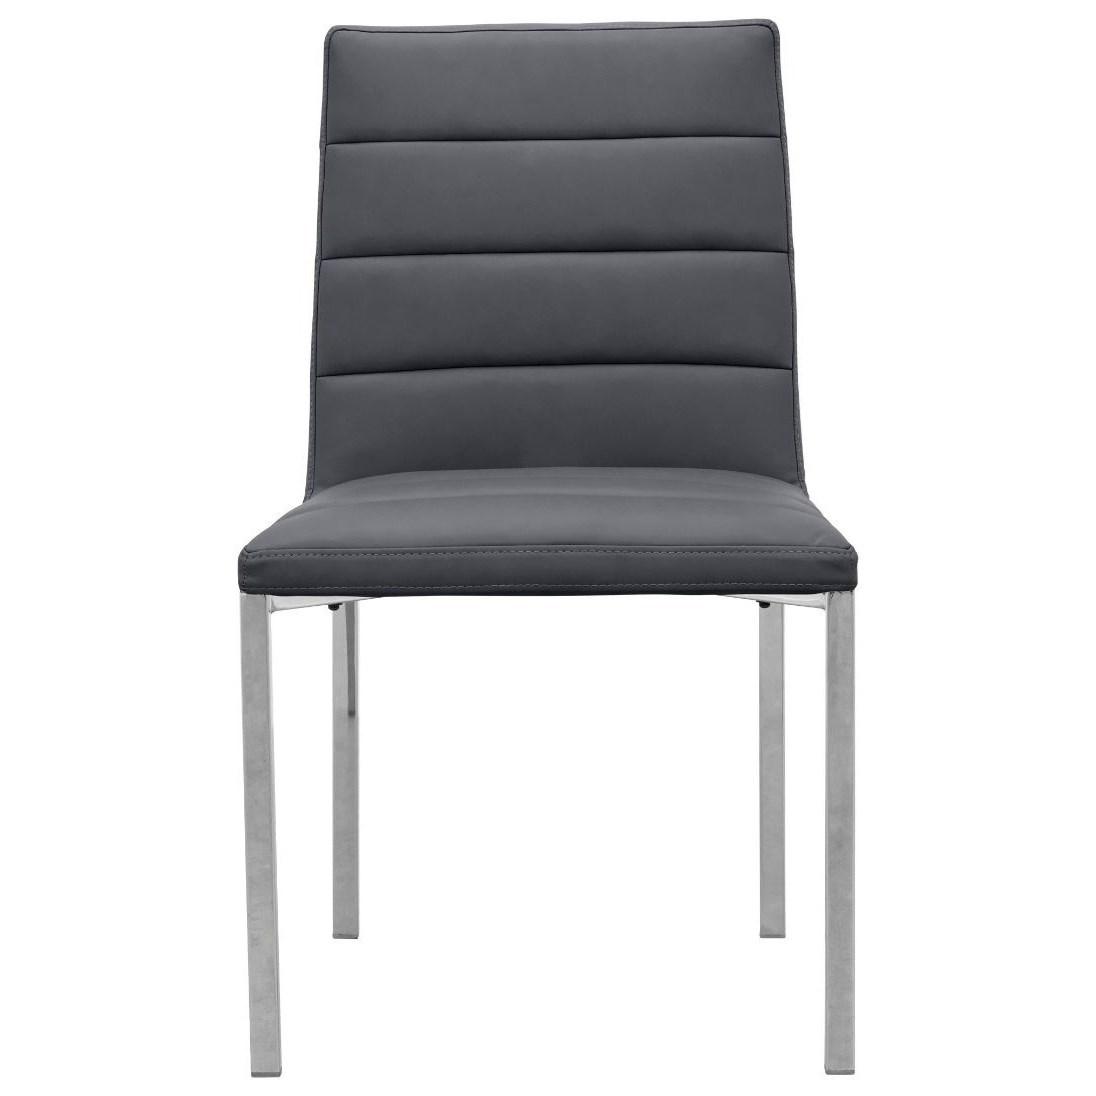 Metal Back Chair in Cobalt